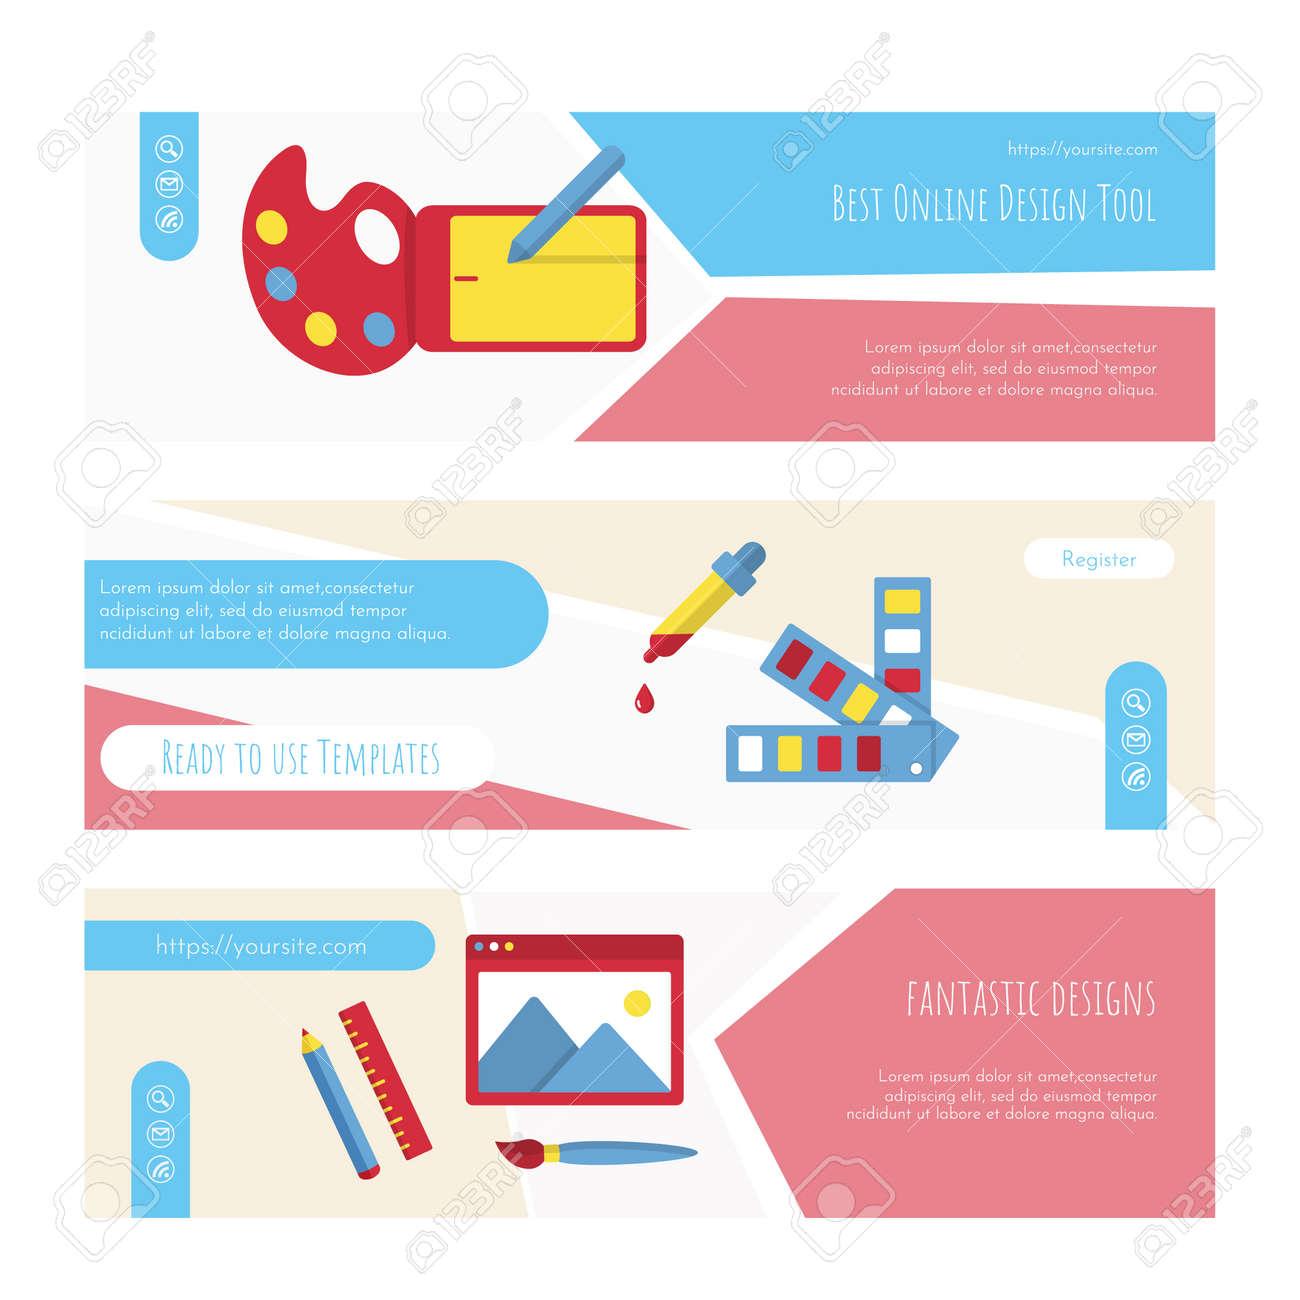 Best online design tools web page or banner set - 169164780